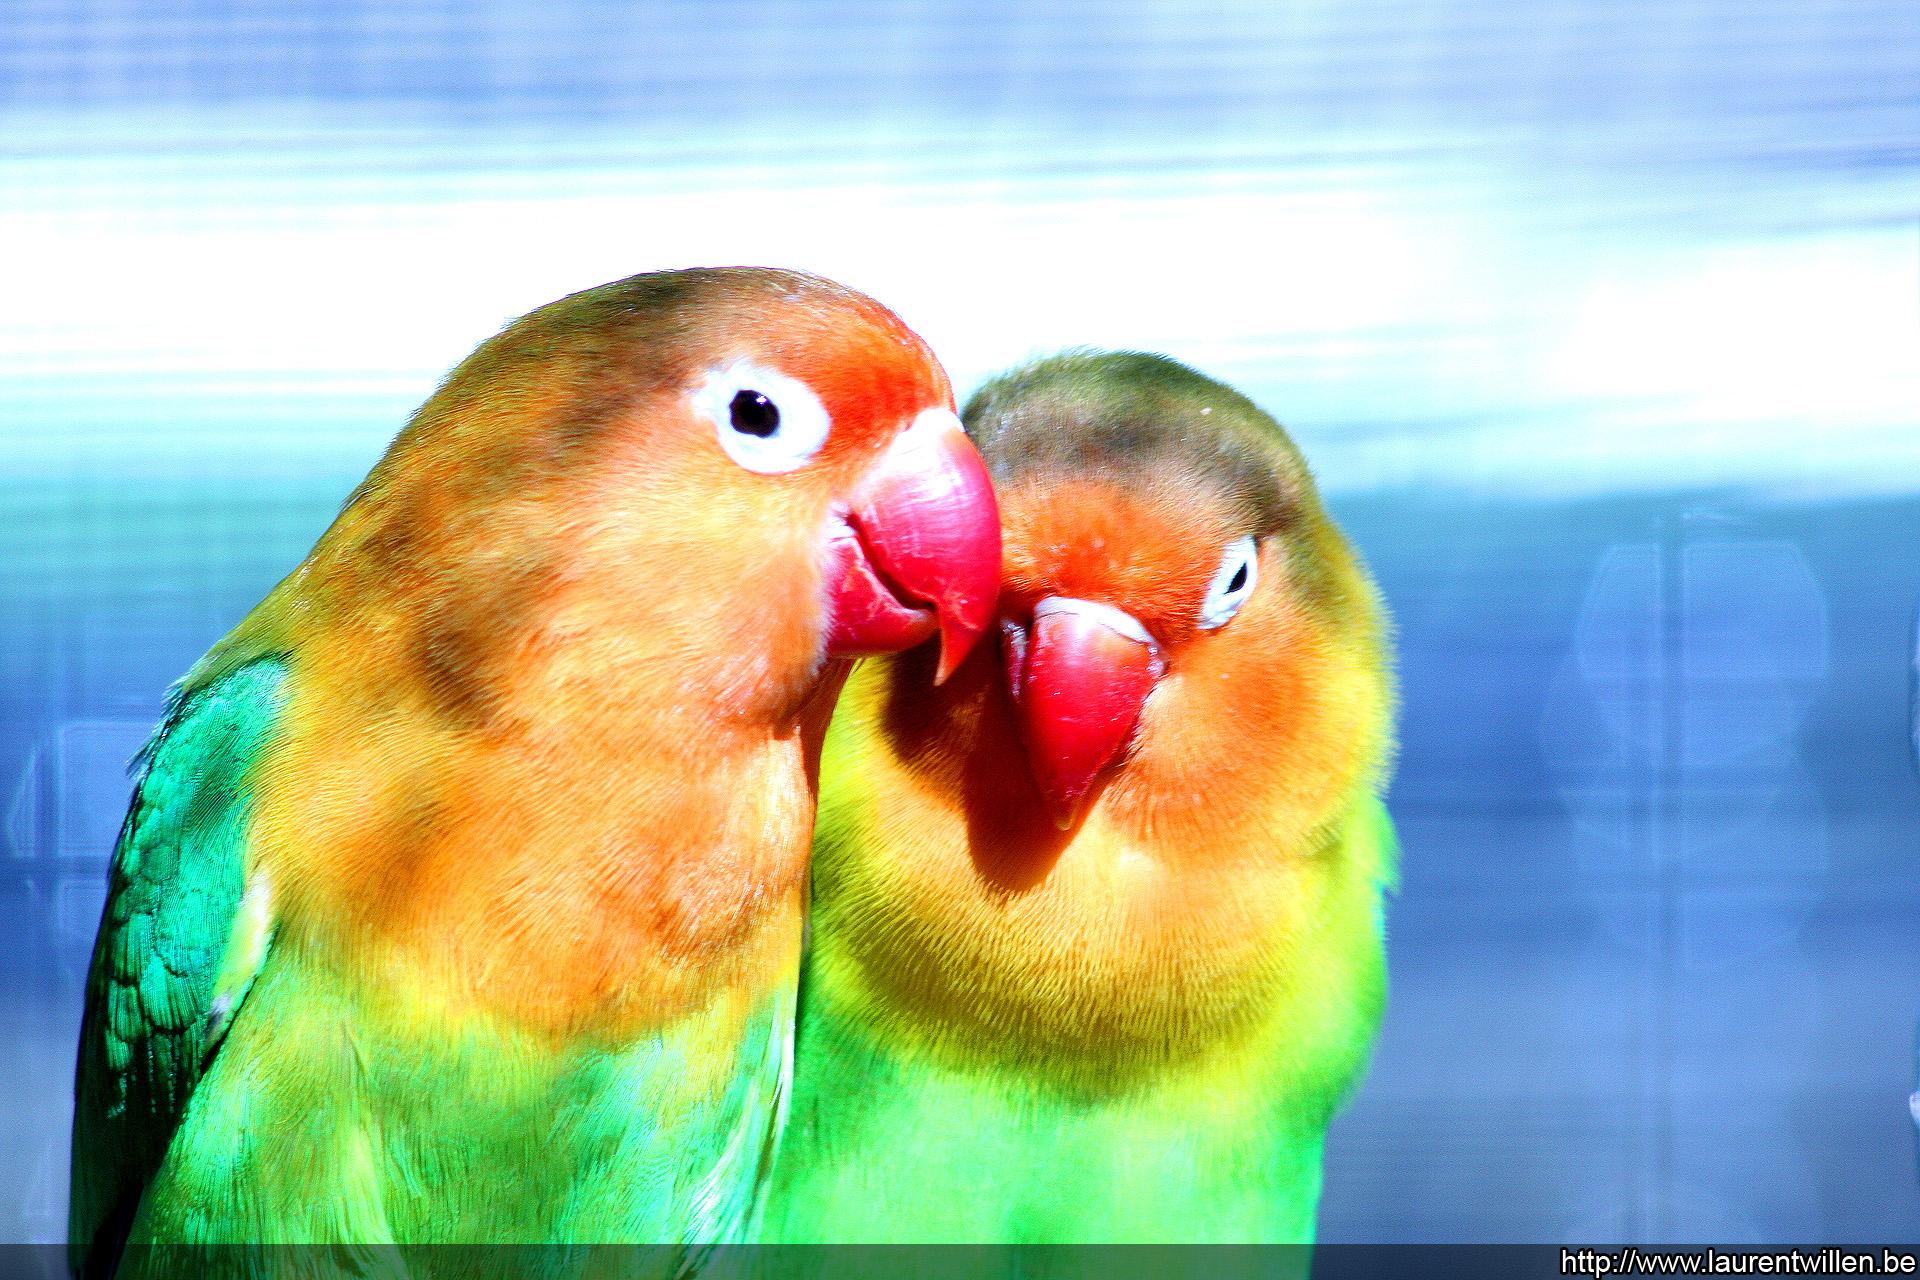 Images D Oiseaux Gratuites - Greatestcoloringbook concernant Gratuites Oiseaux